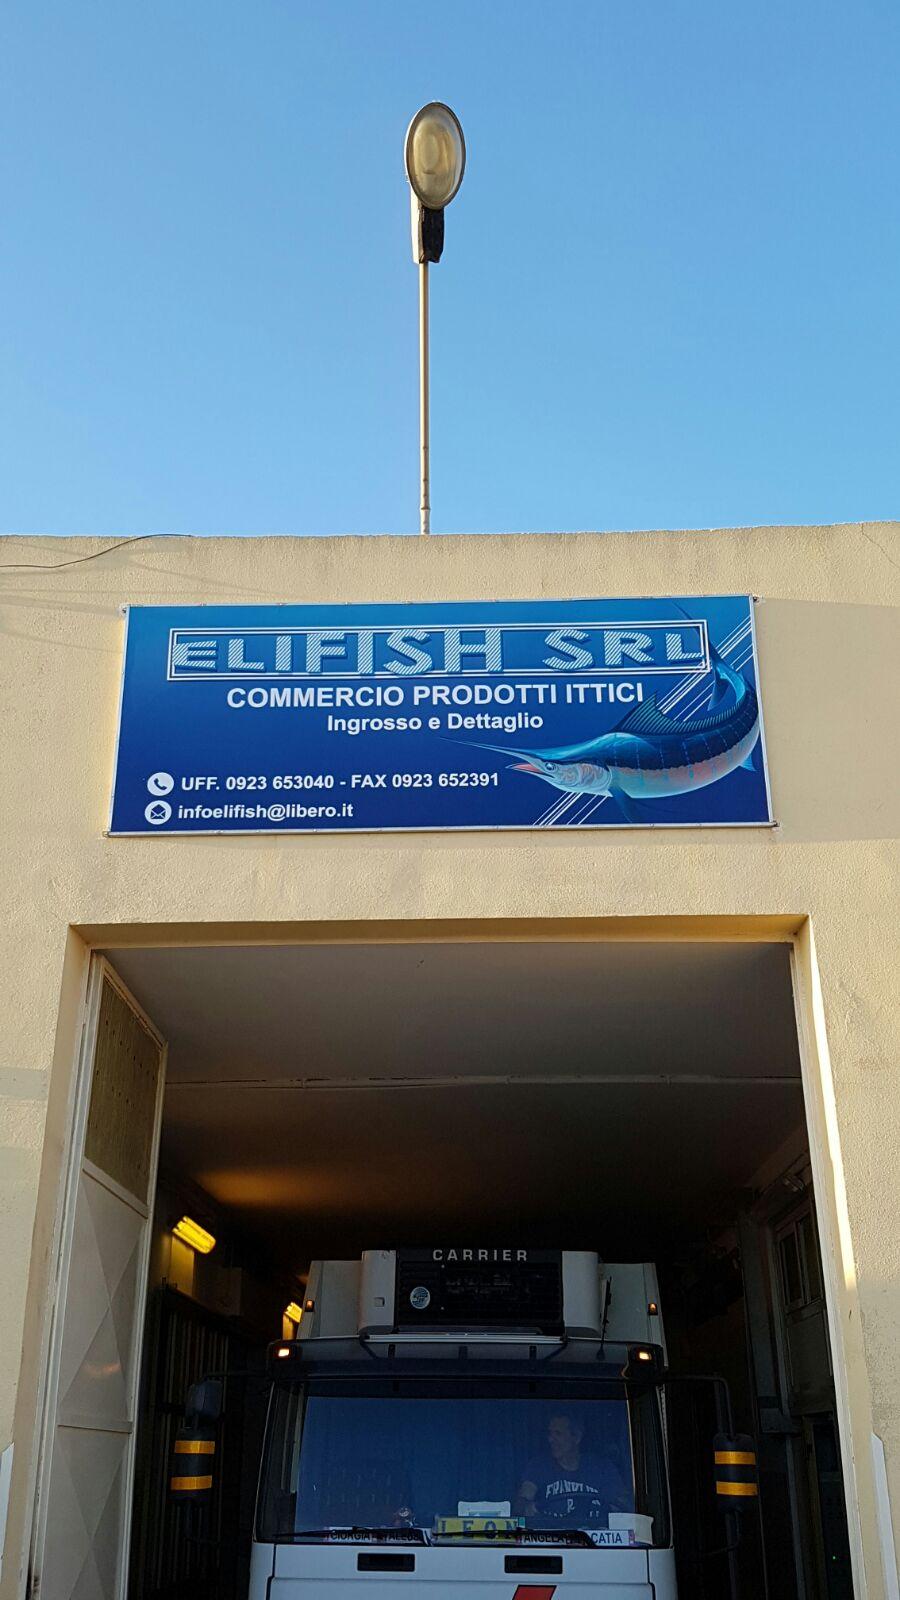 Immagine dell'ingresso camion di Elifish SRL commercio prodotti ittici a Mazara del Vallo (TP)